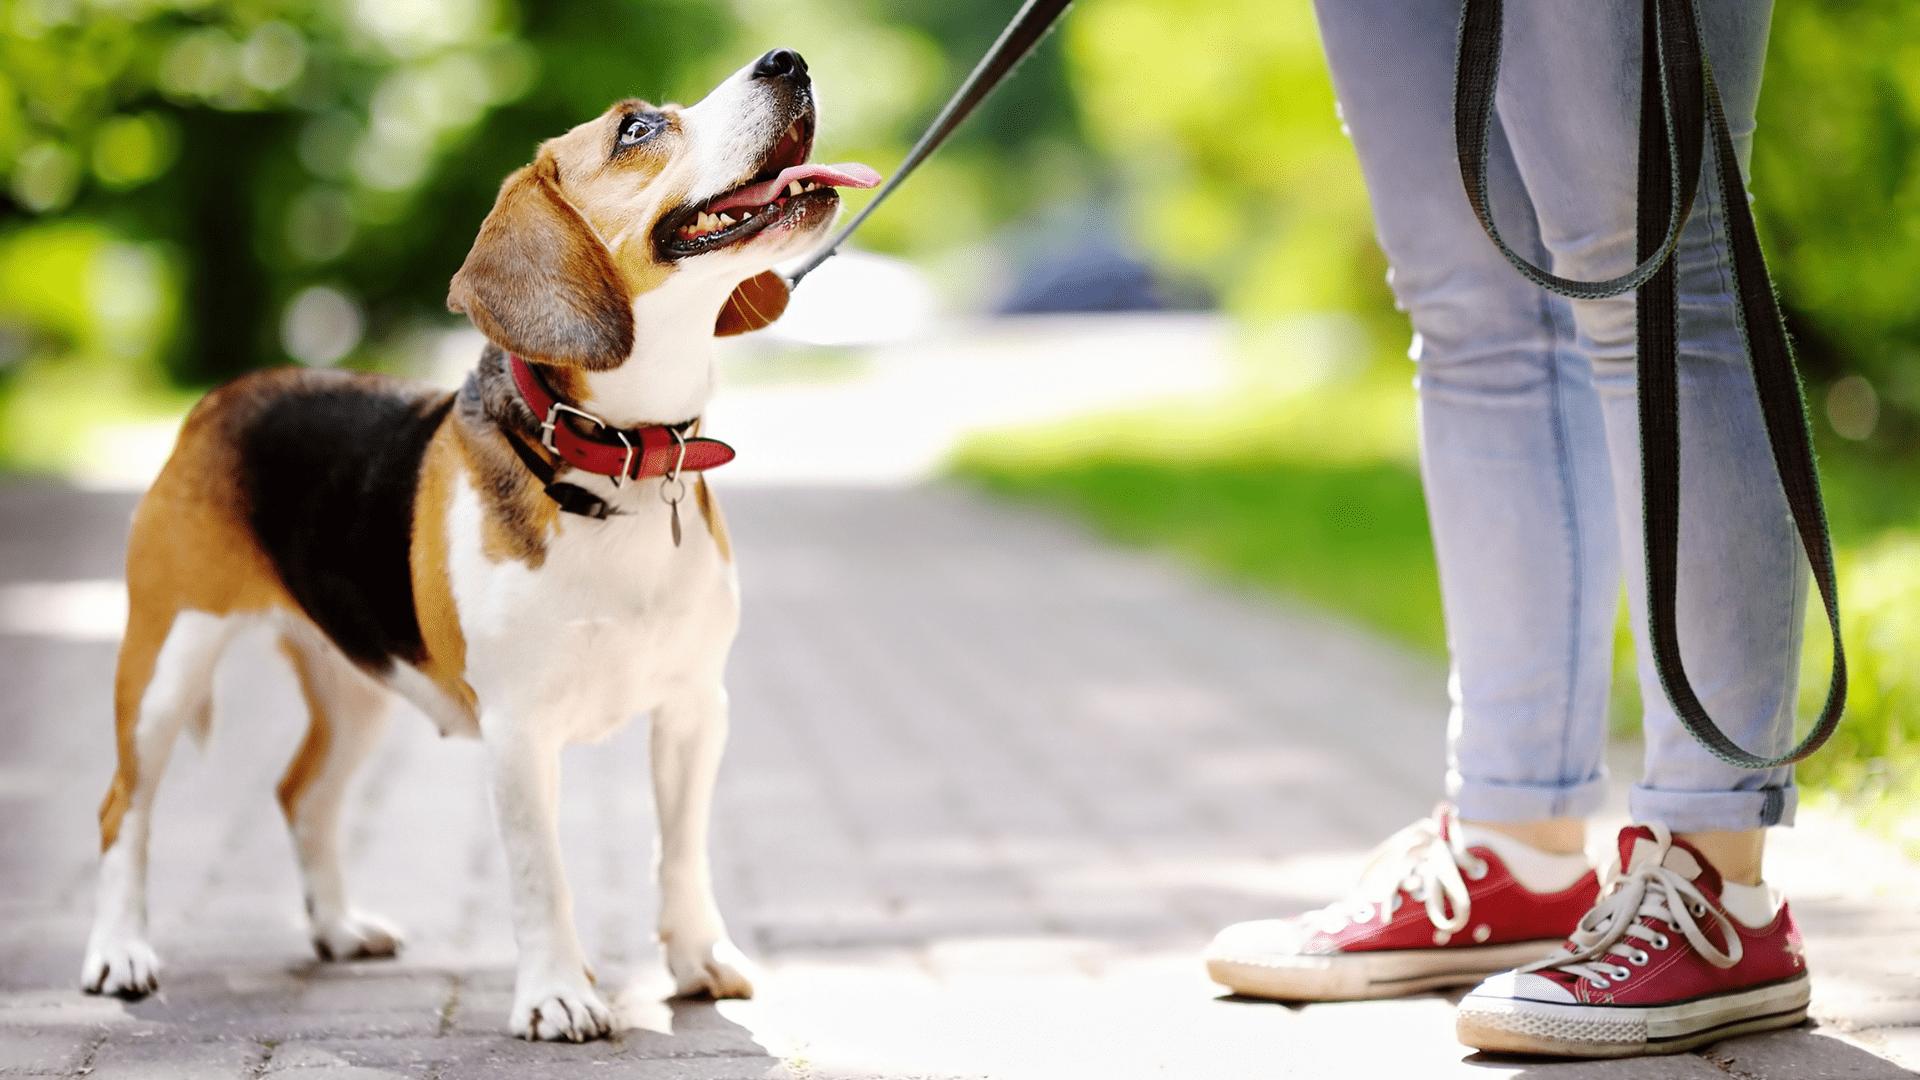 Não se esqueça de cuidar bem da coleira do seu cachorro! (Reprodução/Shutterstock)